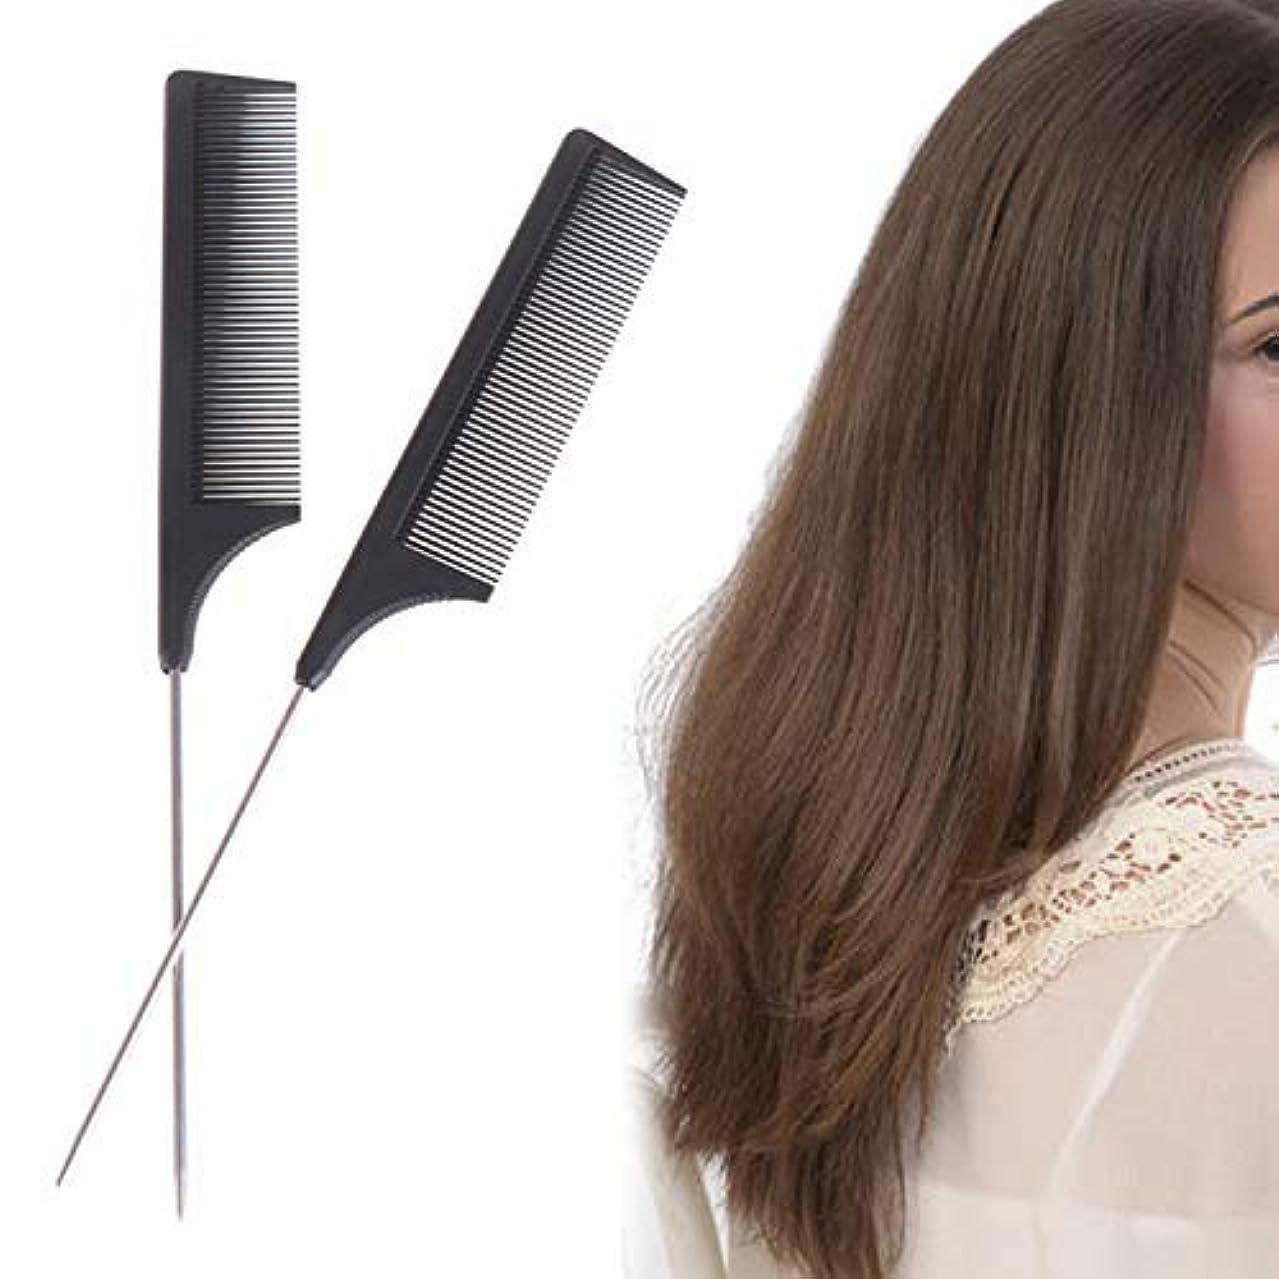 会社キャベツ幻想2 Pieces Comb Black Tail Styling Comb Chemical Heat Resistant Teasing Comb Carbon Fiber Hair Styling Combs for...